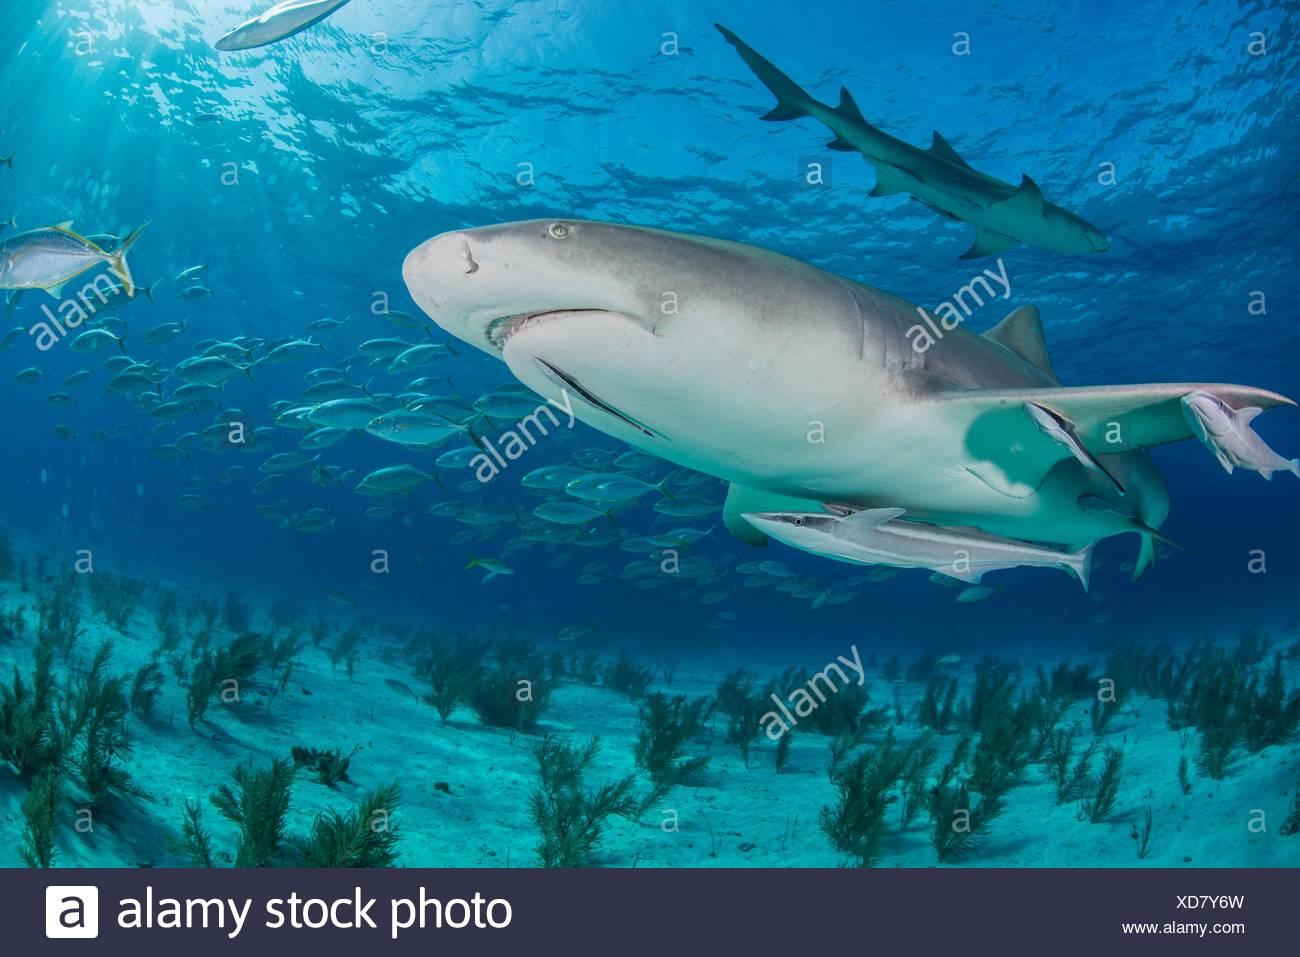 Low angle sous-vue de le requin nager près des fonds marins, plage du Tigre, Bahamas Photo Stock